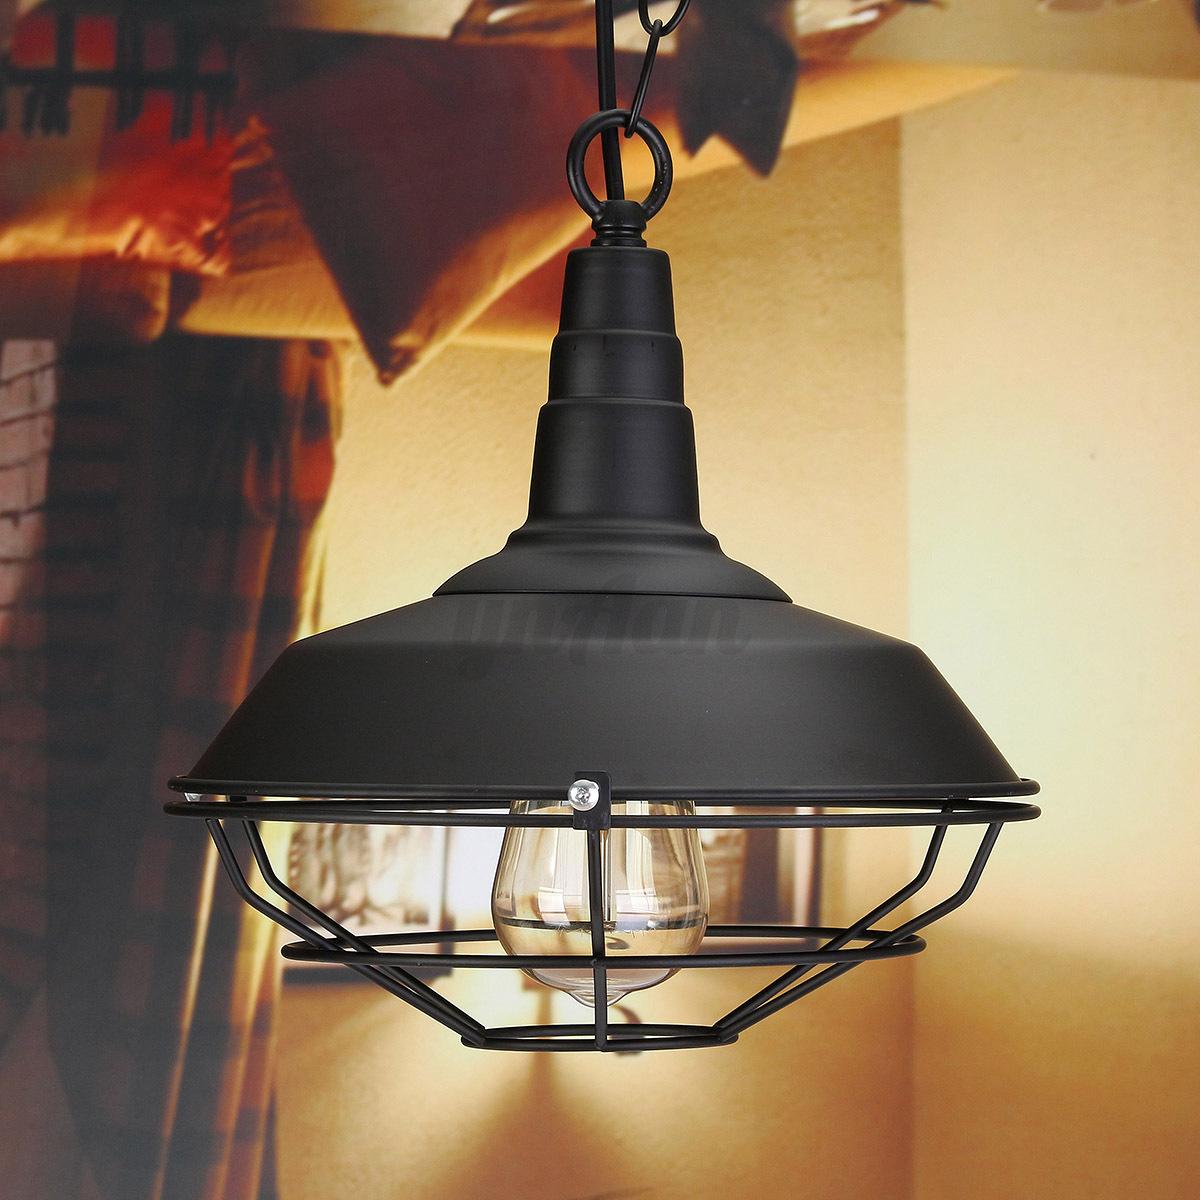 vintage r tro applique murale lampes suspension lumi re clairage lustre d cor. Black Bedroom Furniture Sets. Home Design Ideas